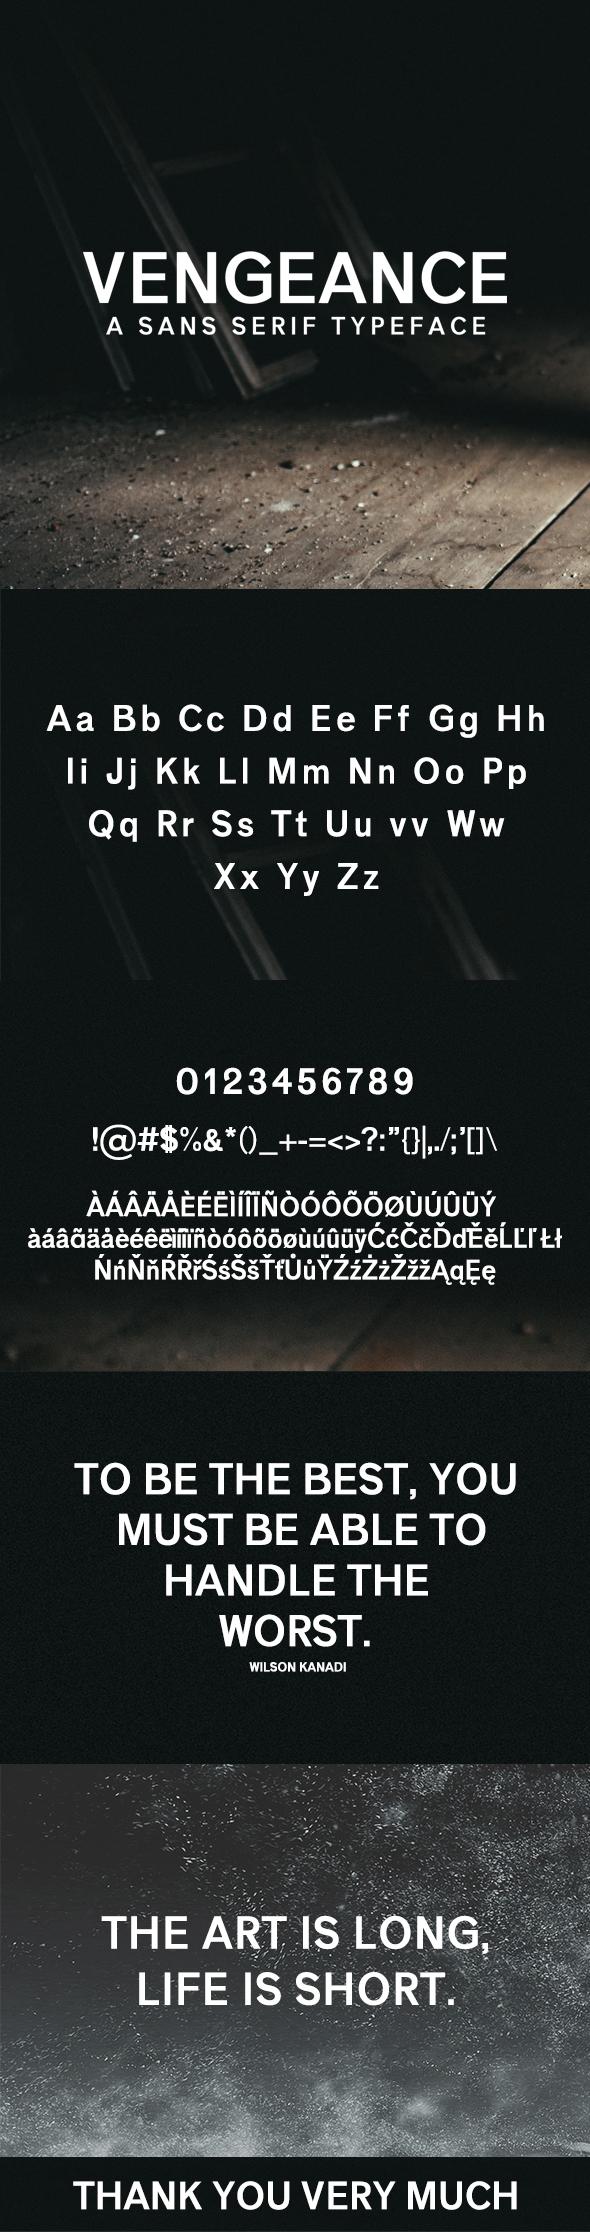 Vengeance Sans Serif Typeface - Sans-Serif Fonts